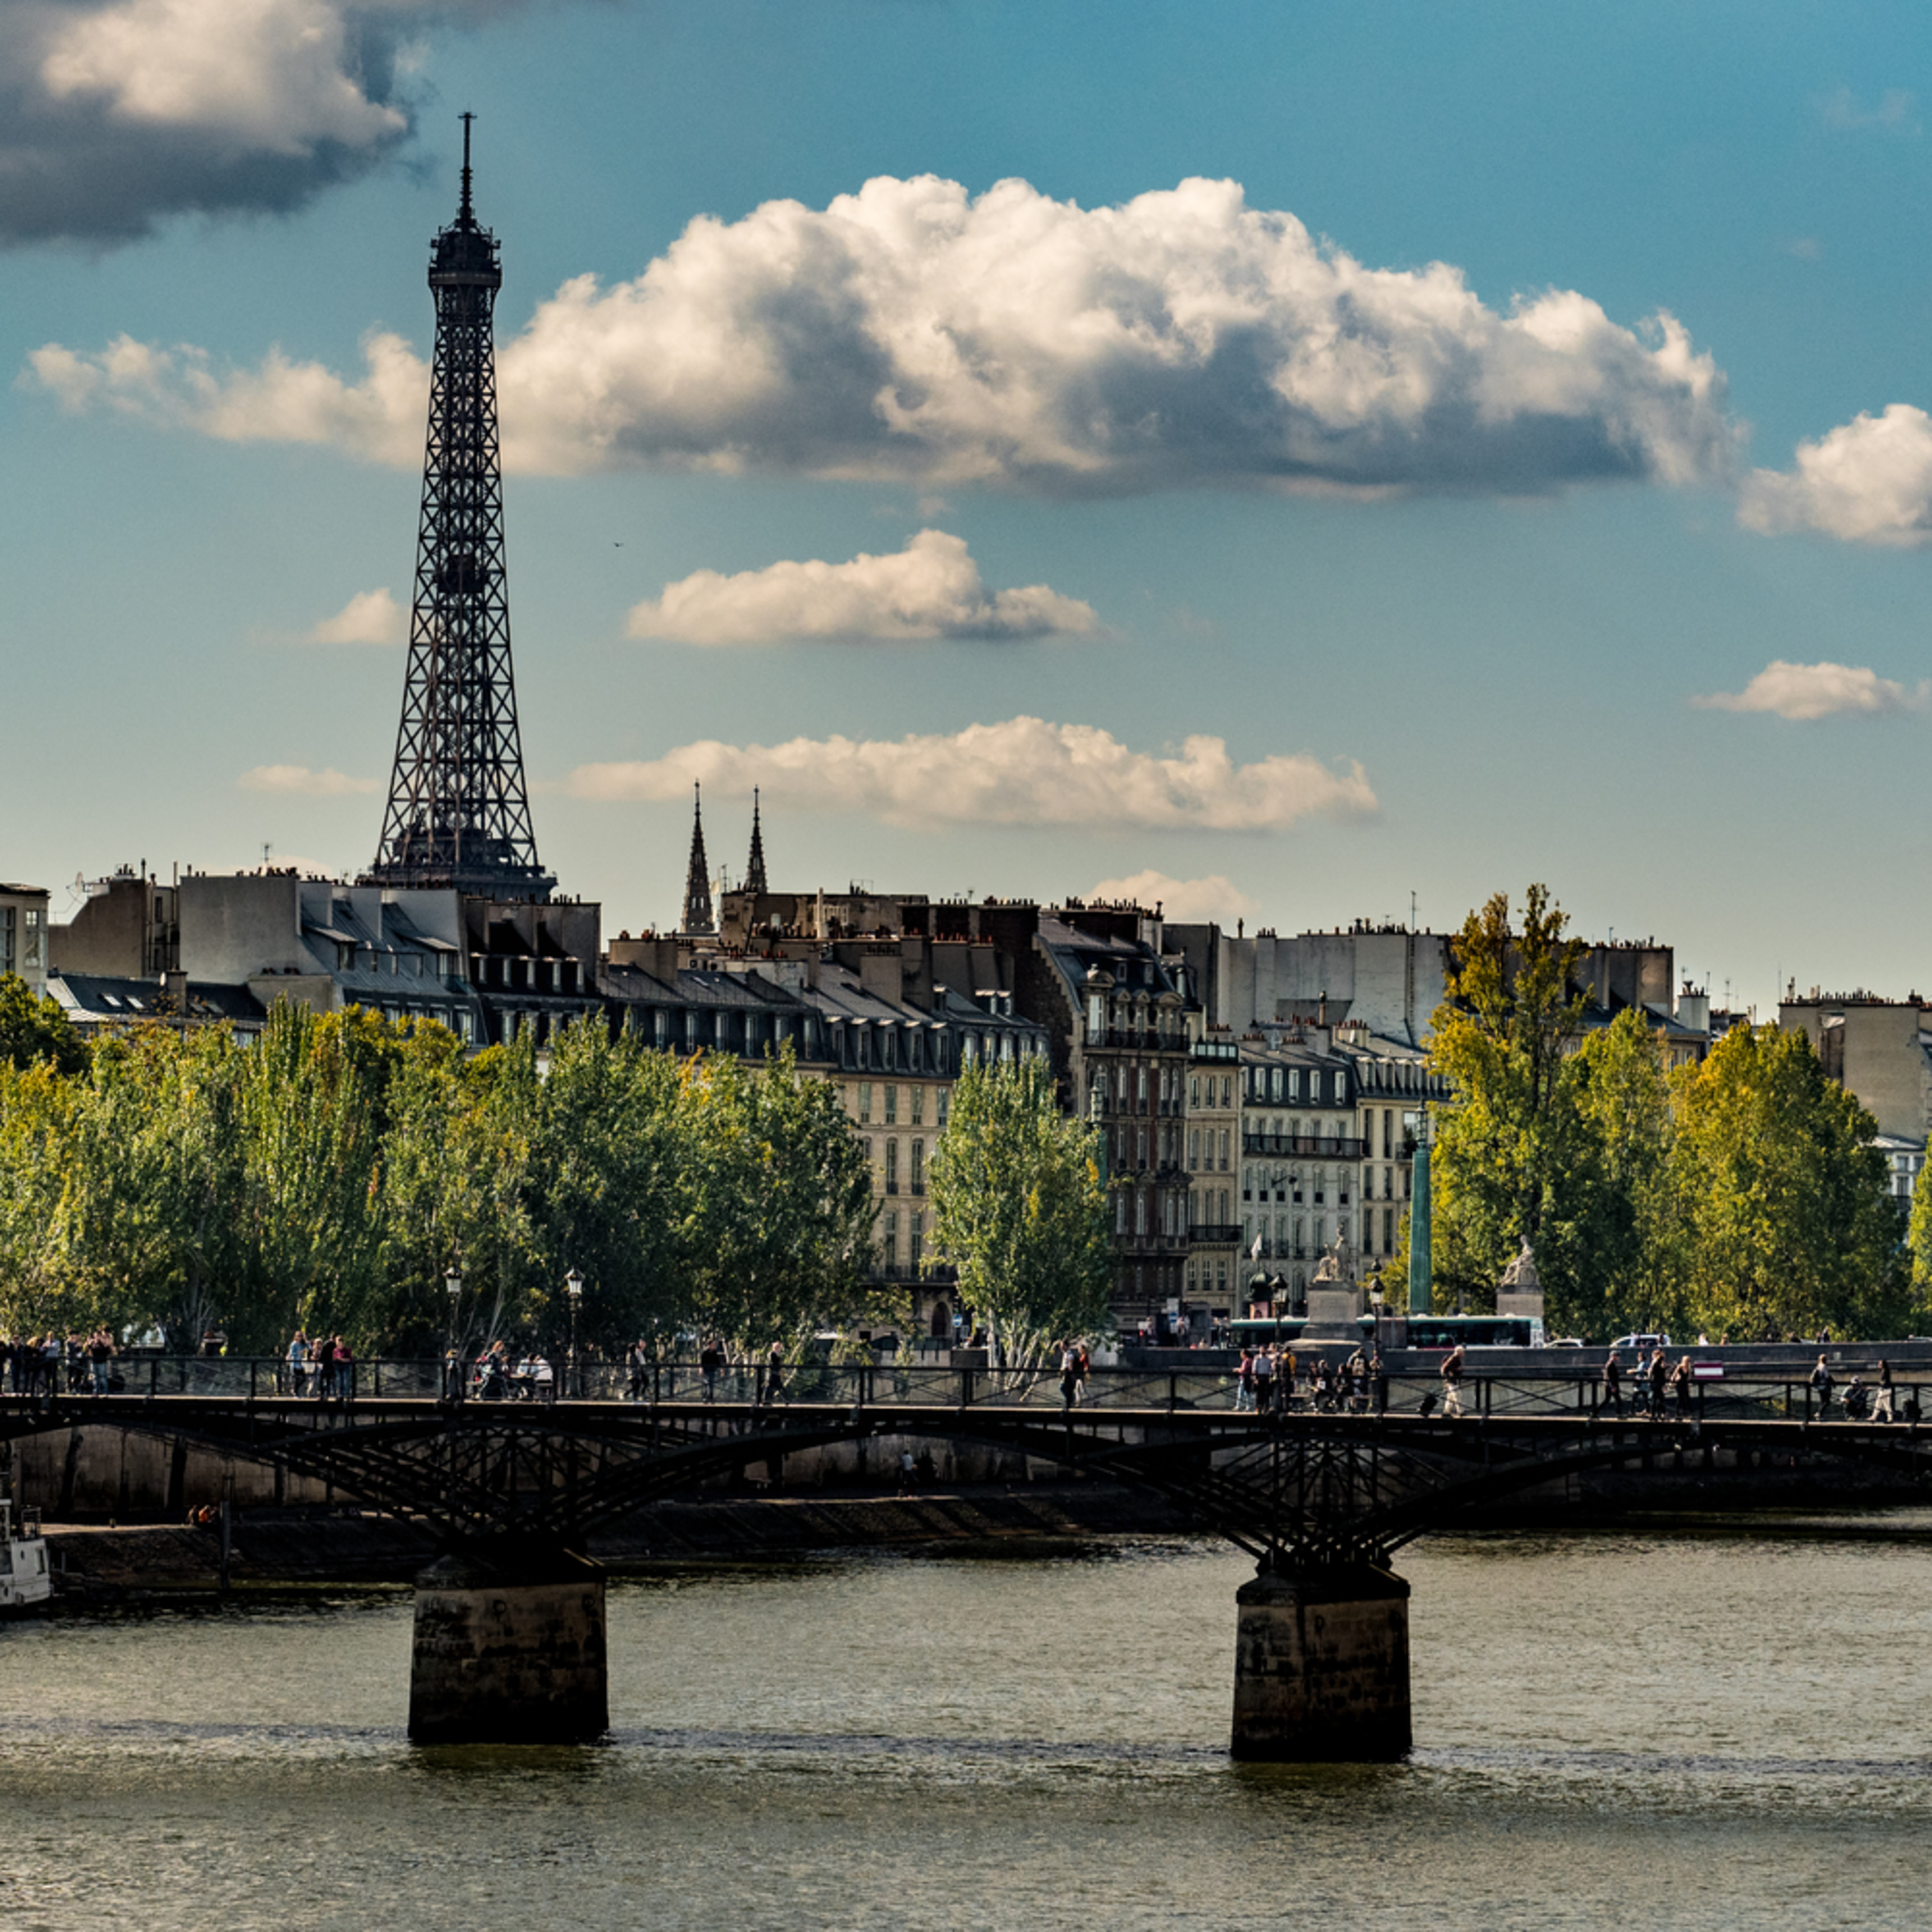 Paris 9 17 252 zmjxn4